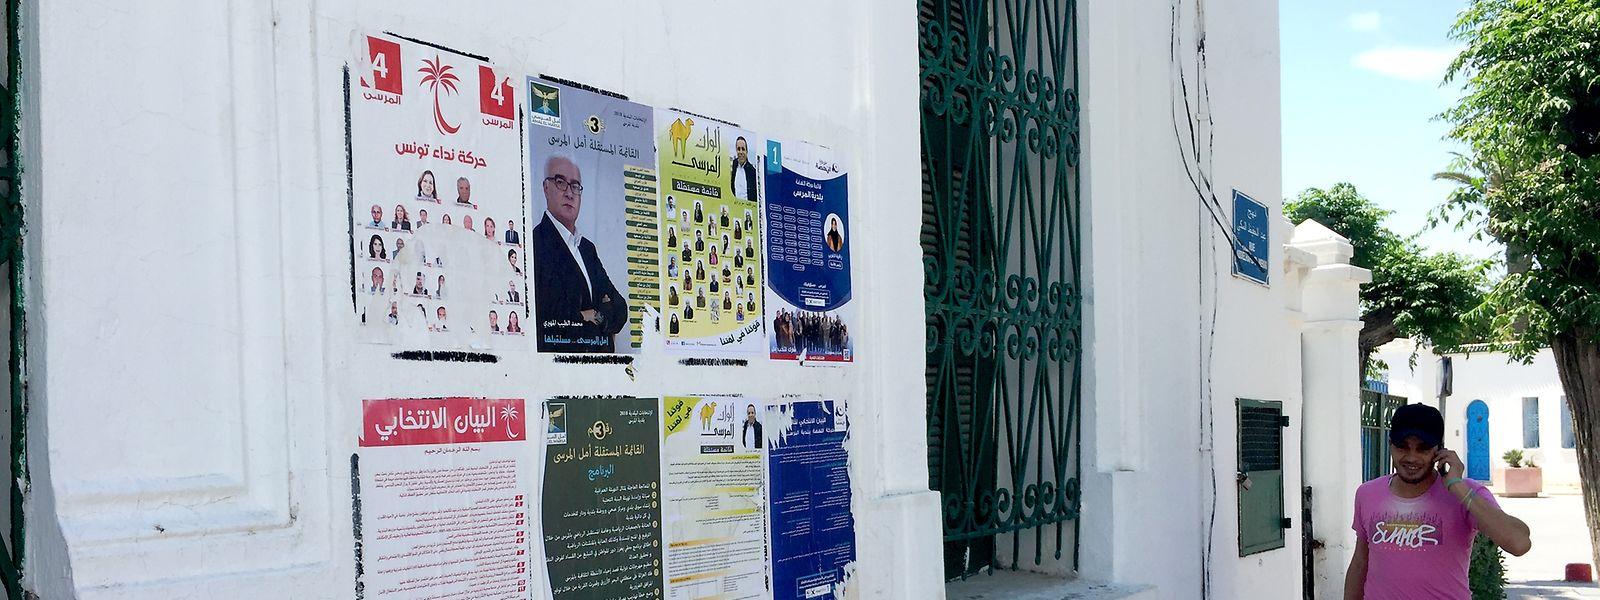 Wahlplakate für die Kommunalwahlen hängen im Vorort La Marsa der tunesischen Hauptstadt Tunis.